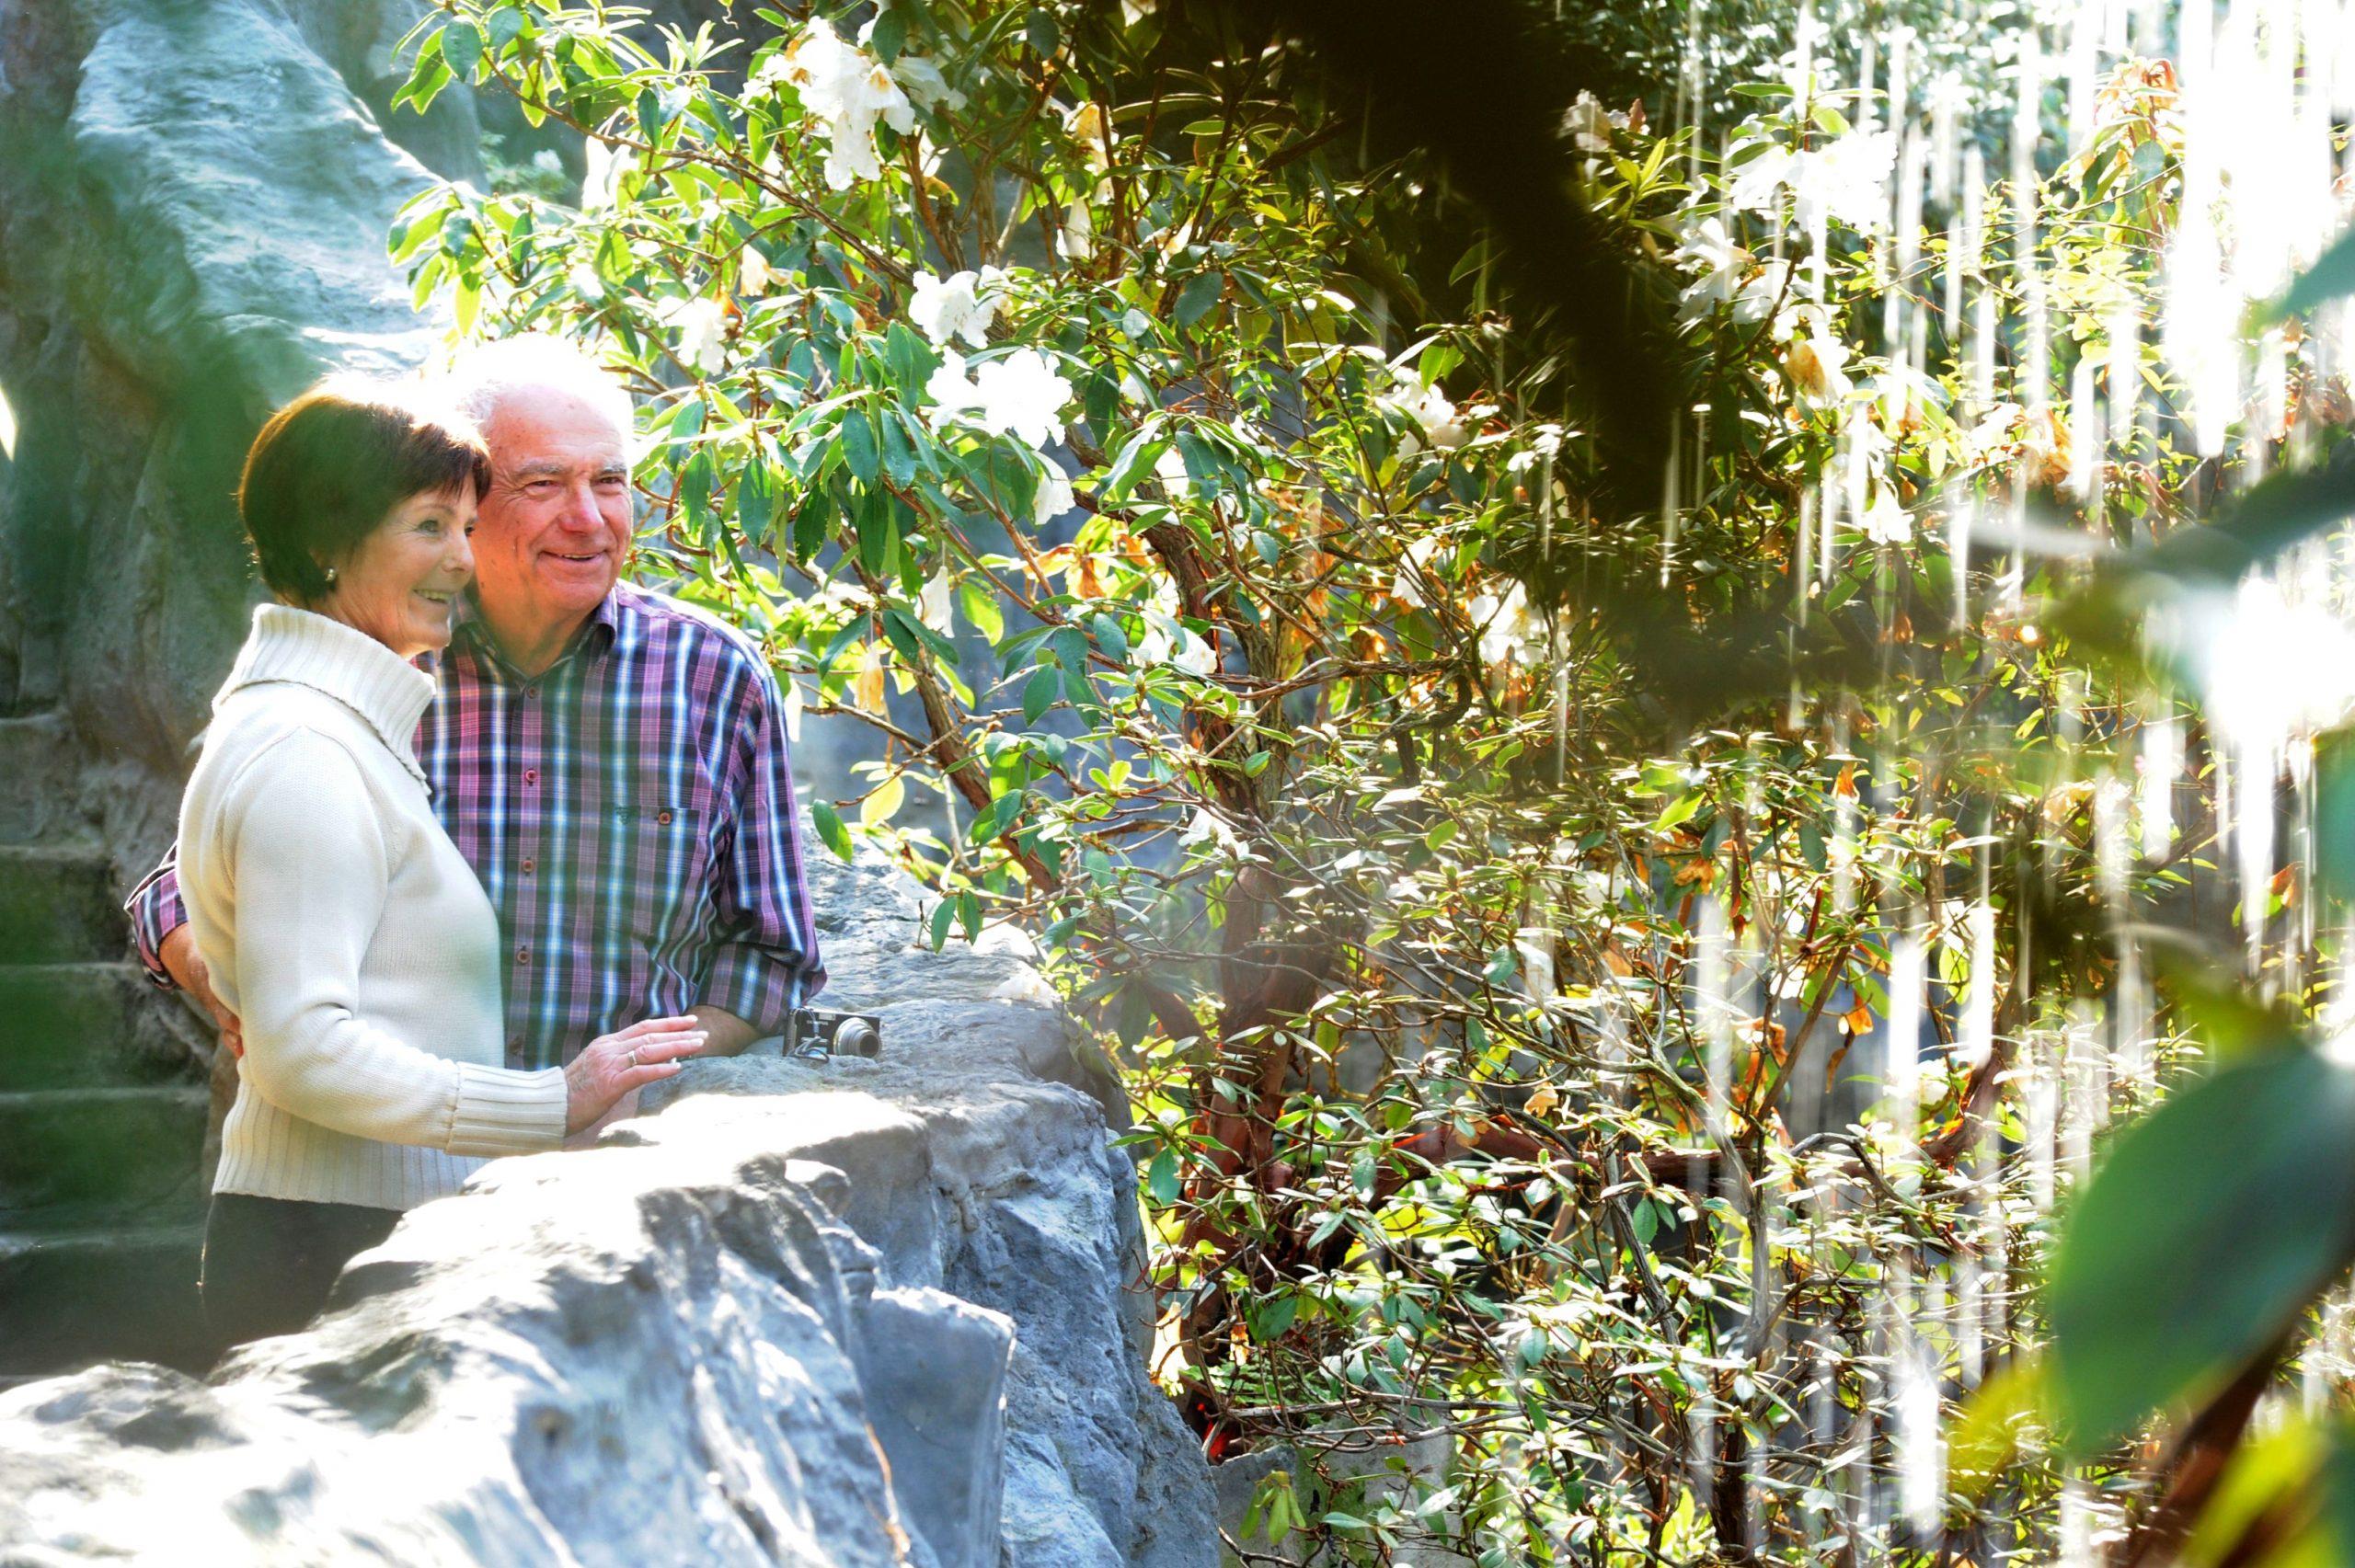 Zwei Personen stehen lächelnd in der Botanika Bremen.